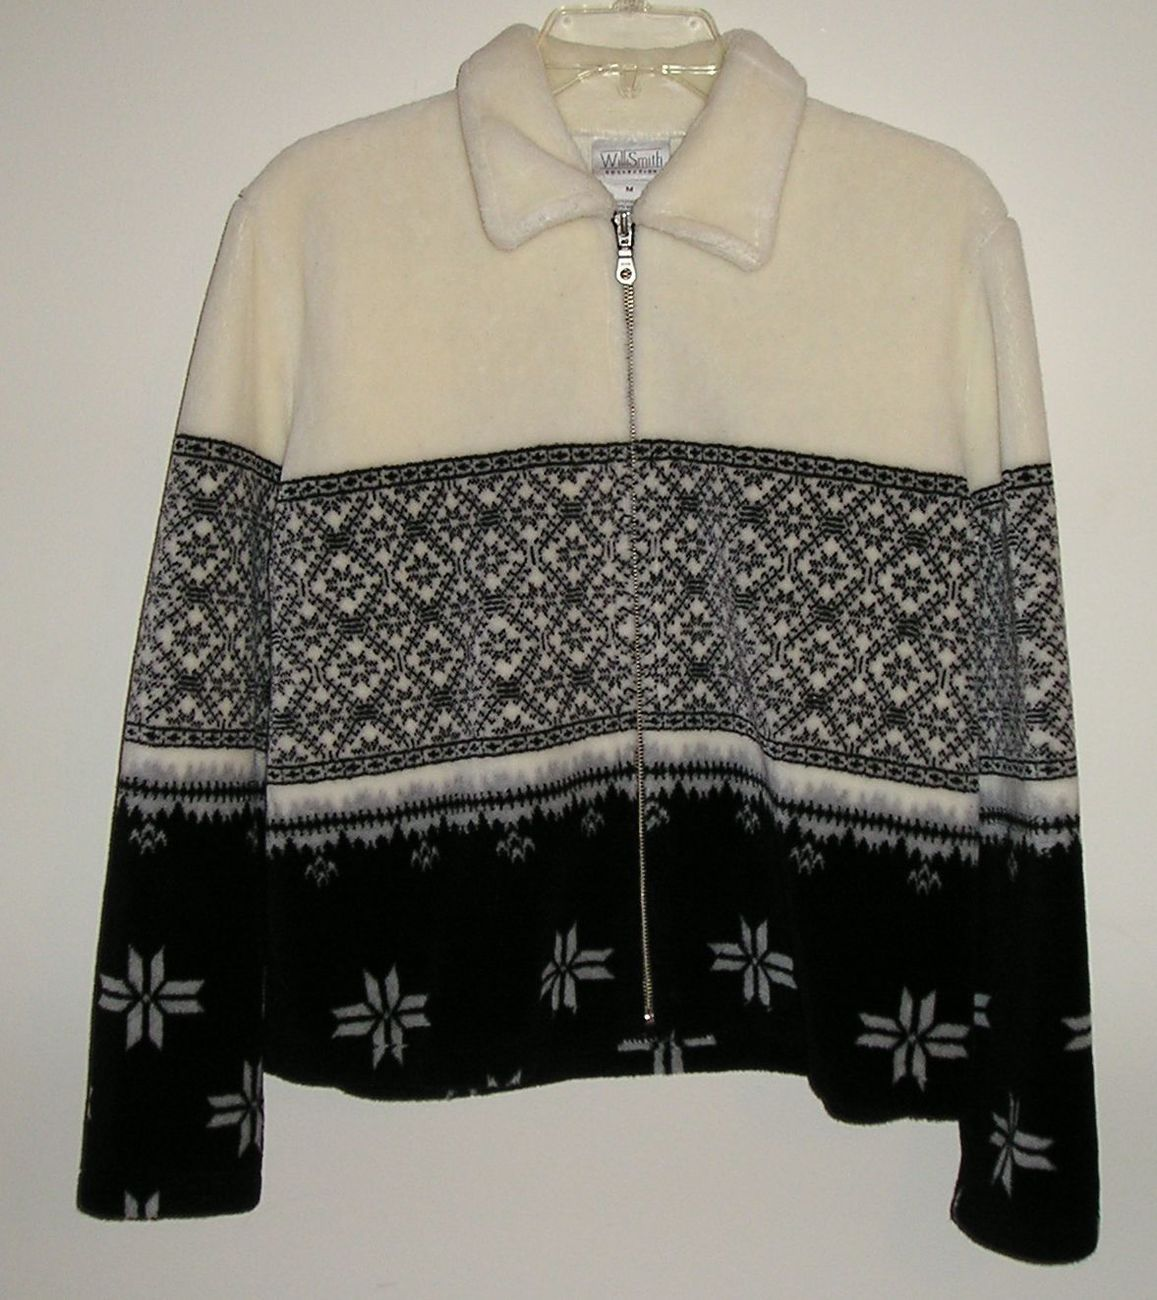 Willi smith women s canadian zip up fuzzy soft whiteblack jacket m  1